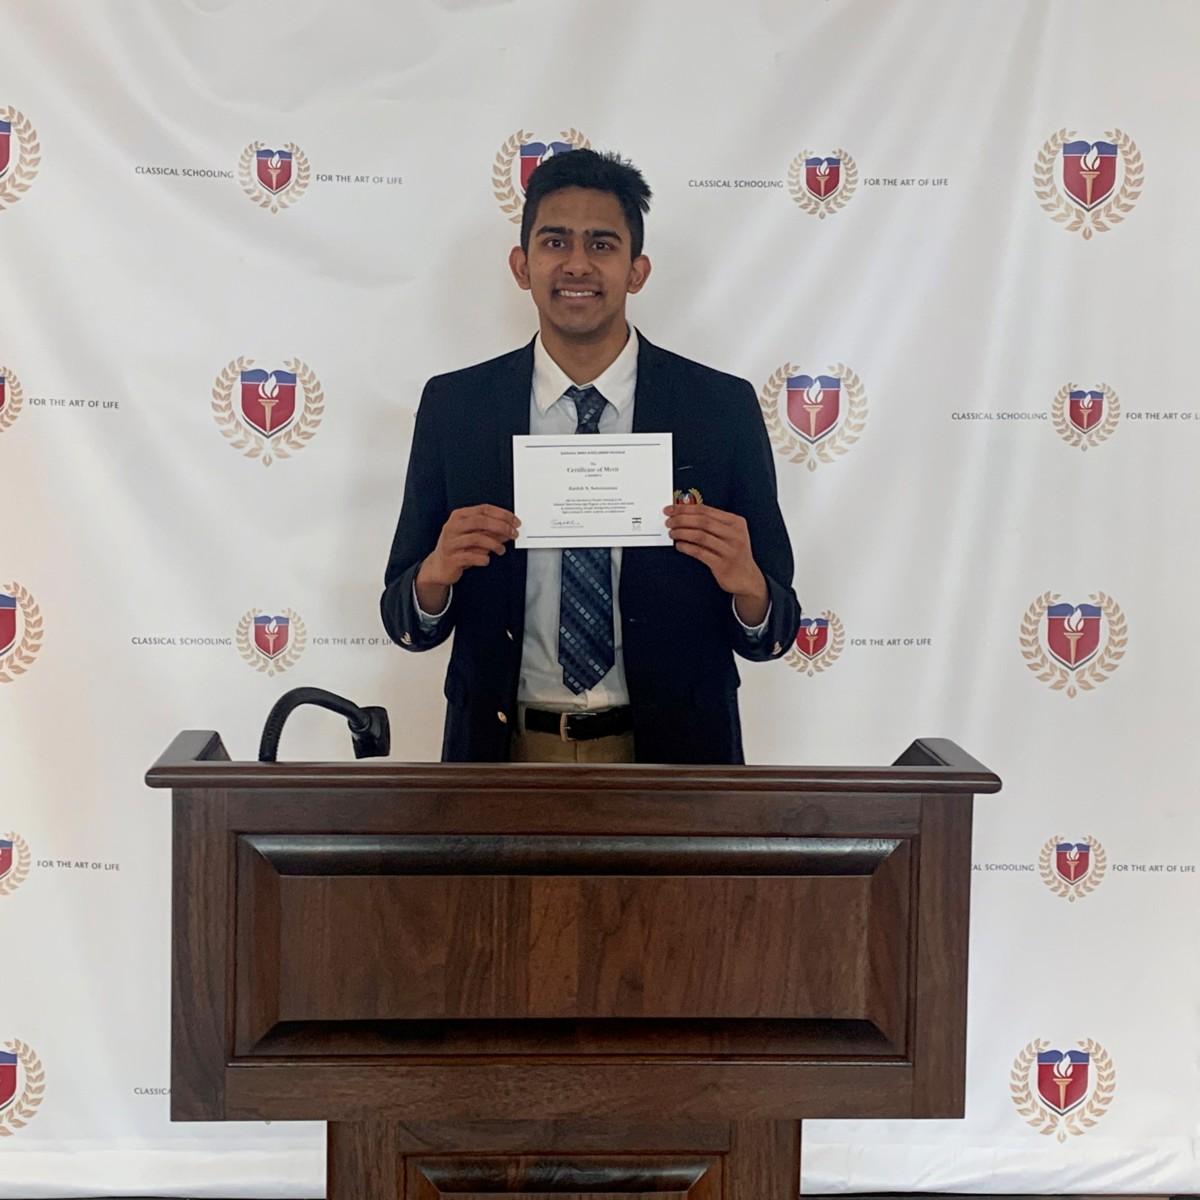 Karthik Subramanian, National Merit Finalist